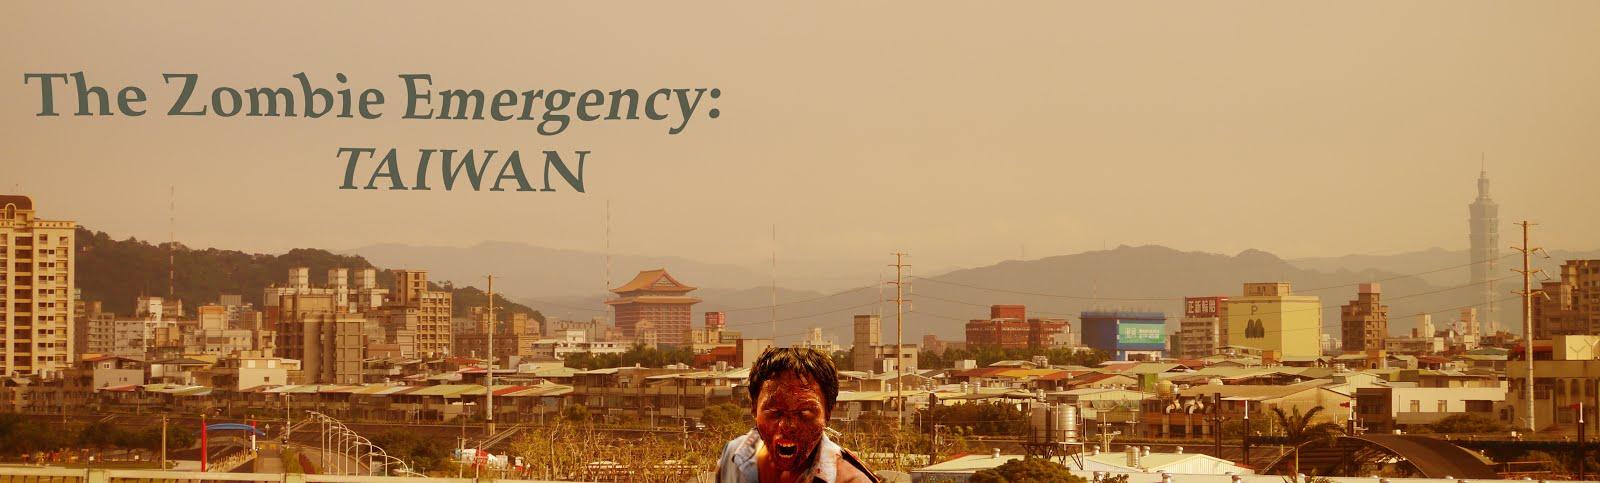 The Zombie Emergency: Taiwan